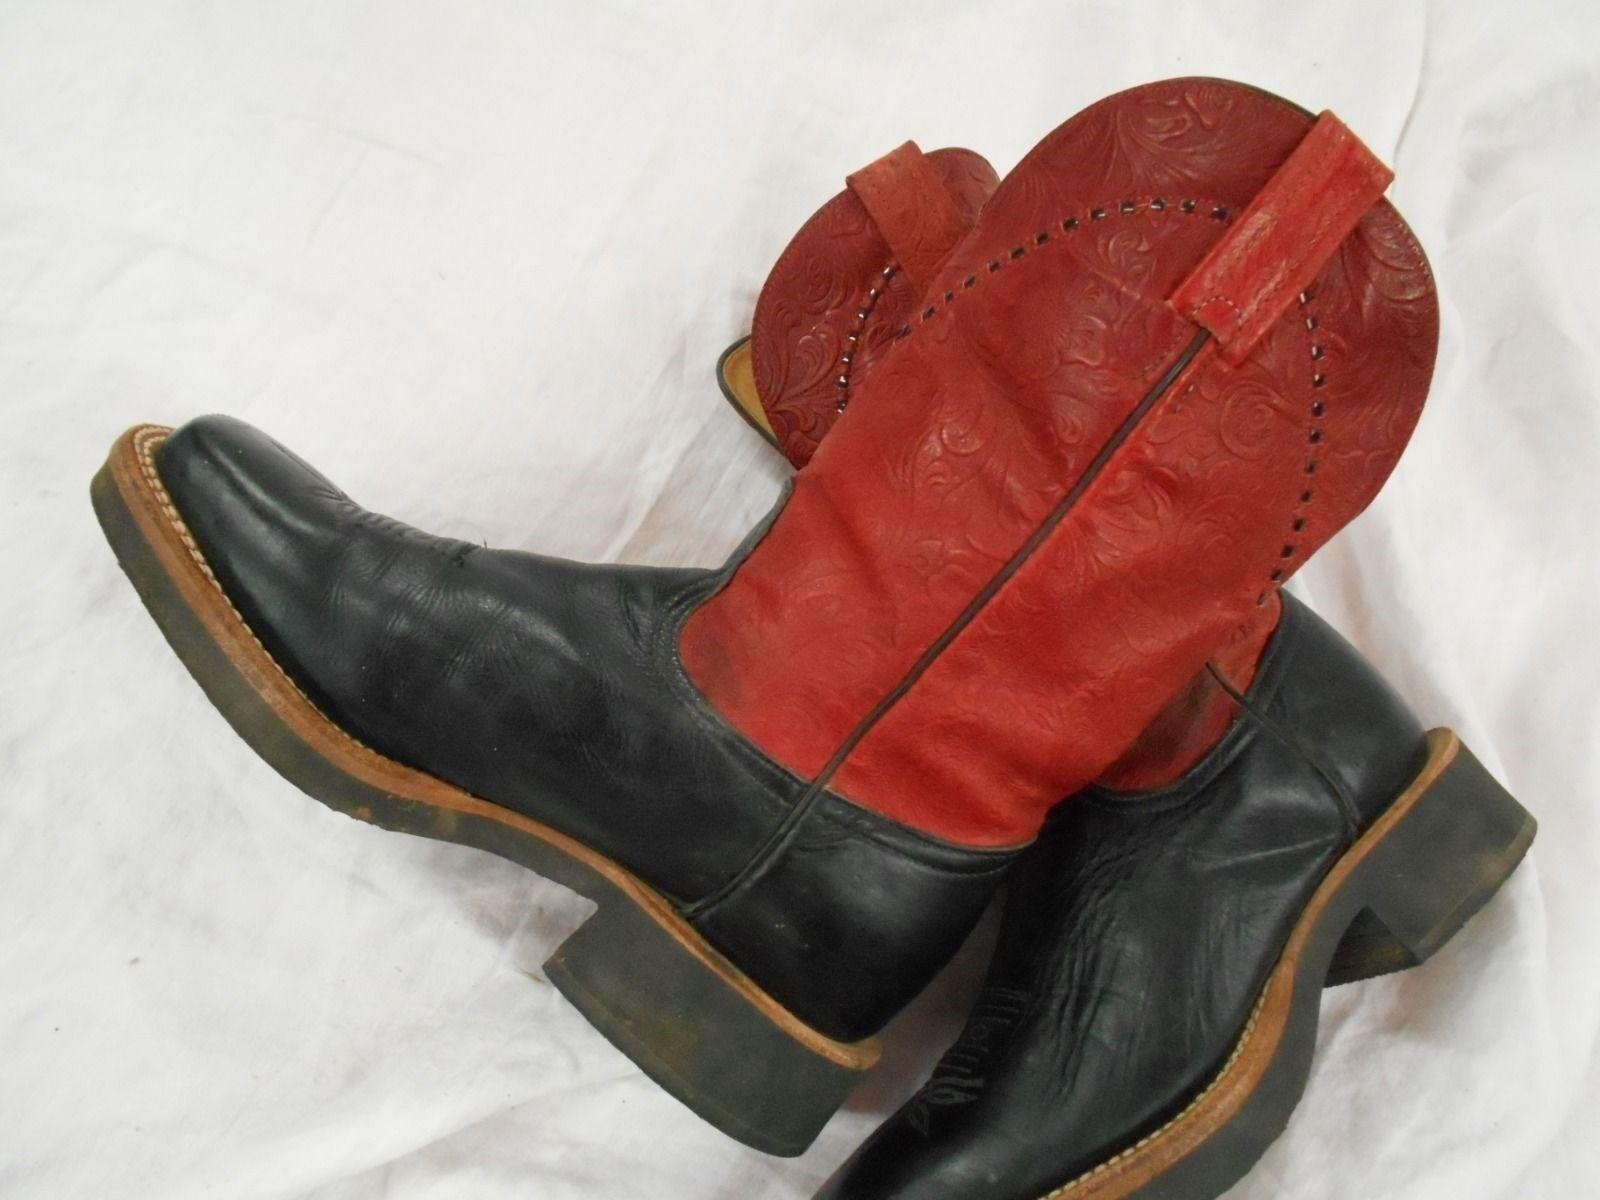 Dedo Dedo Dedo del pie cuadrado rojo Tony Lama de cuero para mujer botas de Vaquero Talla 7 B se adapta a un 8 M  salida